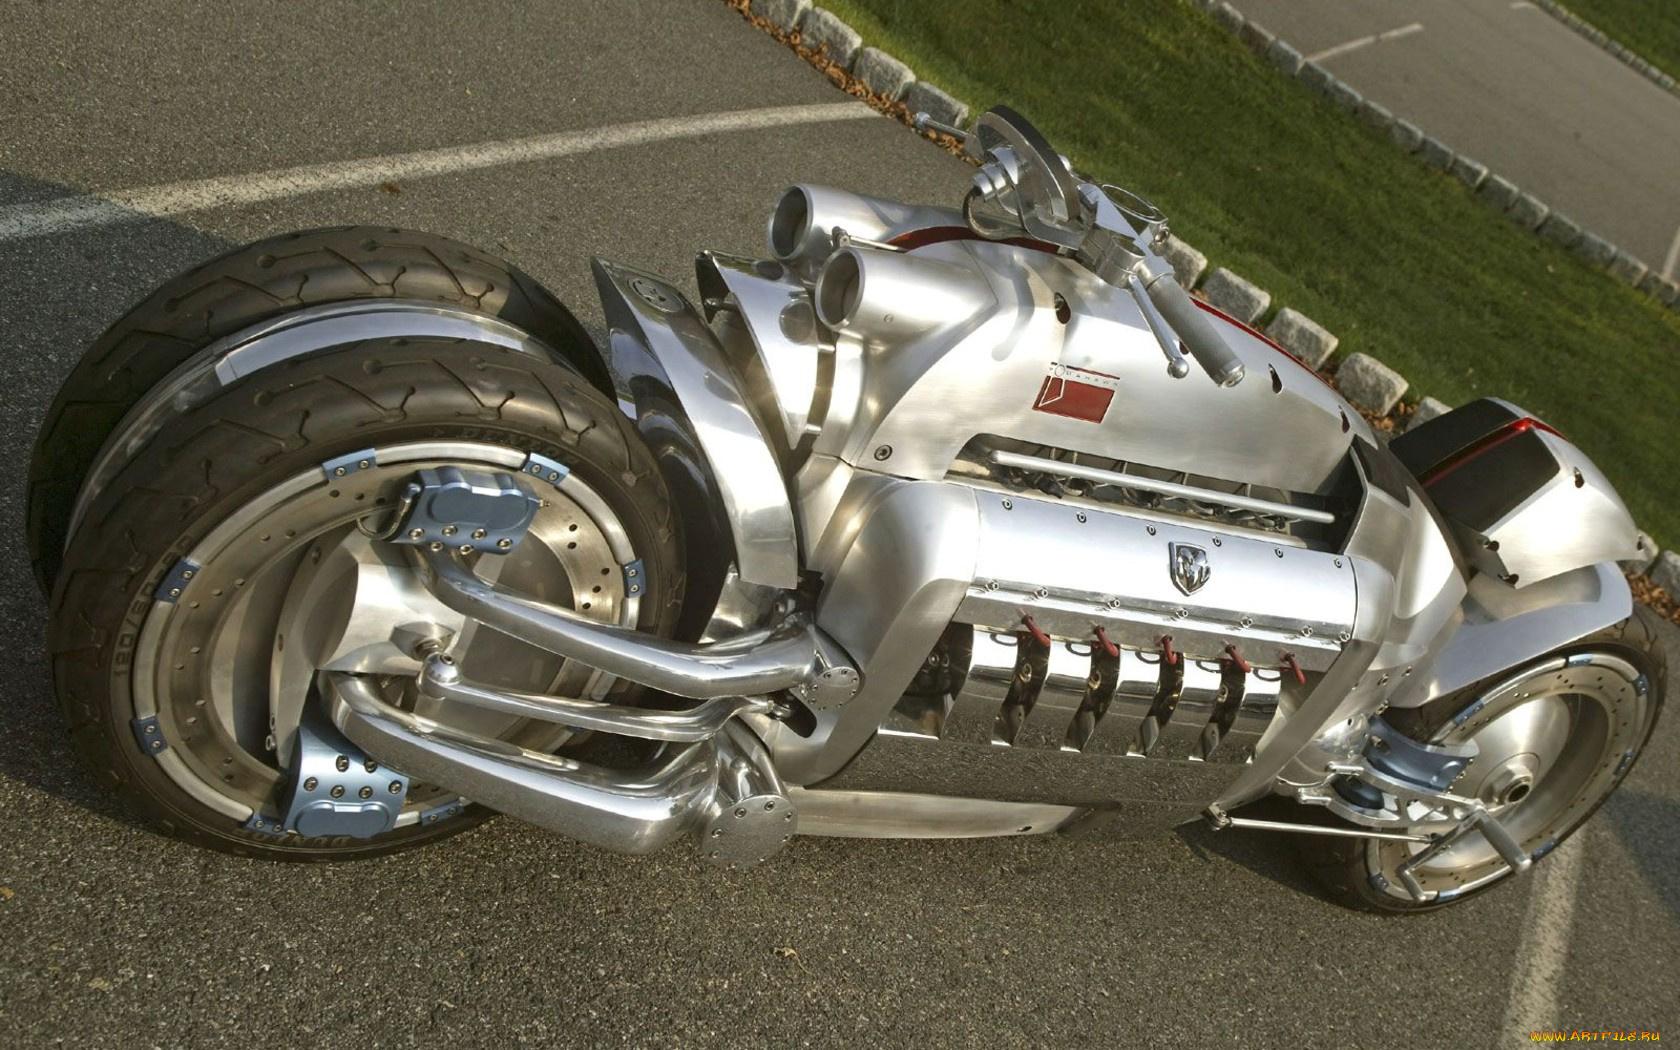 оснащения можно фото самого быстрого мотоцикла в мире оправился смог